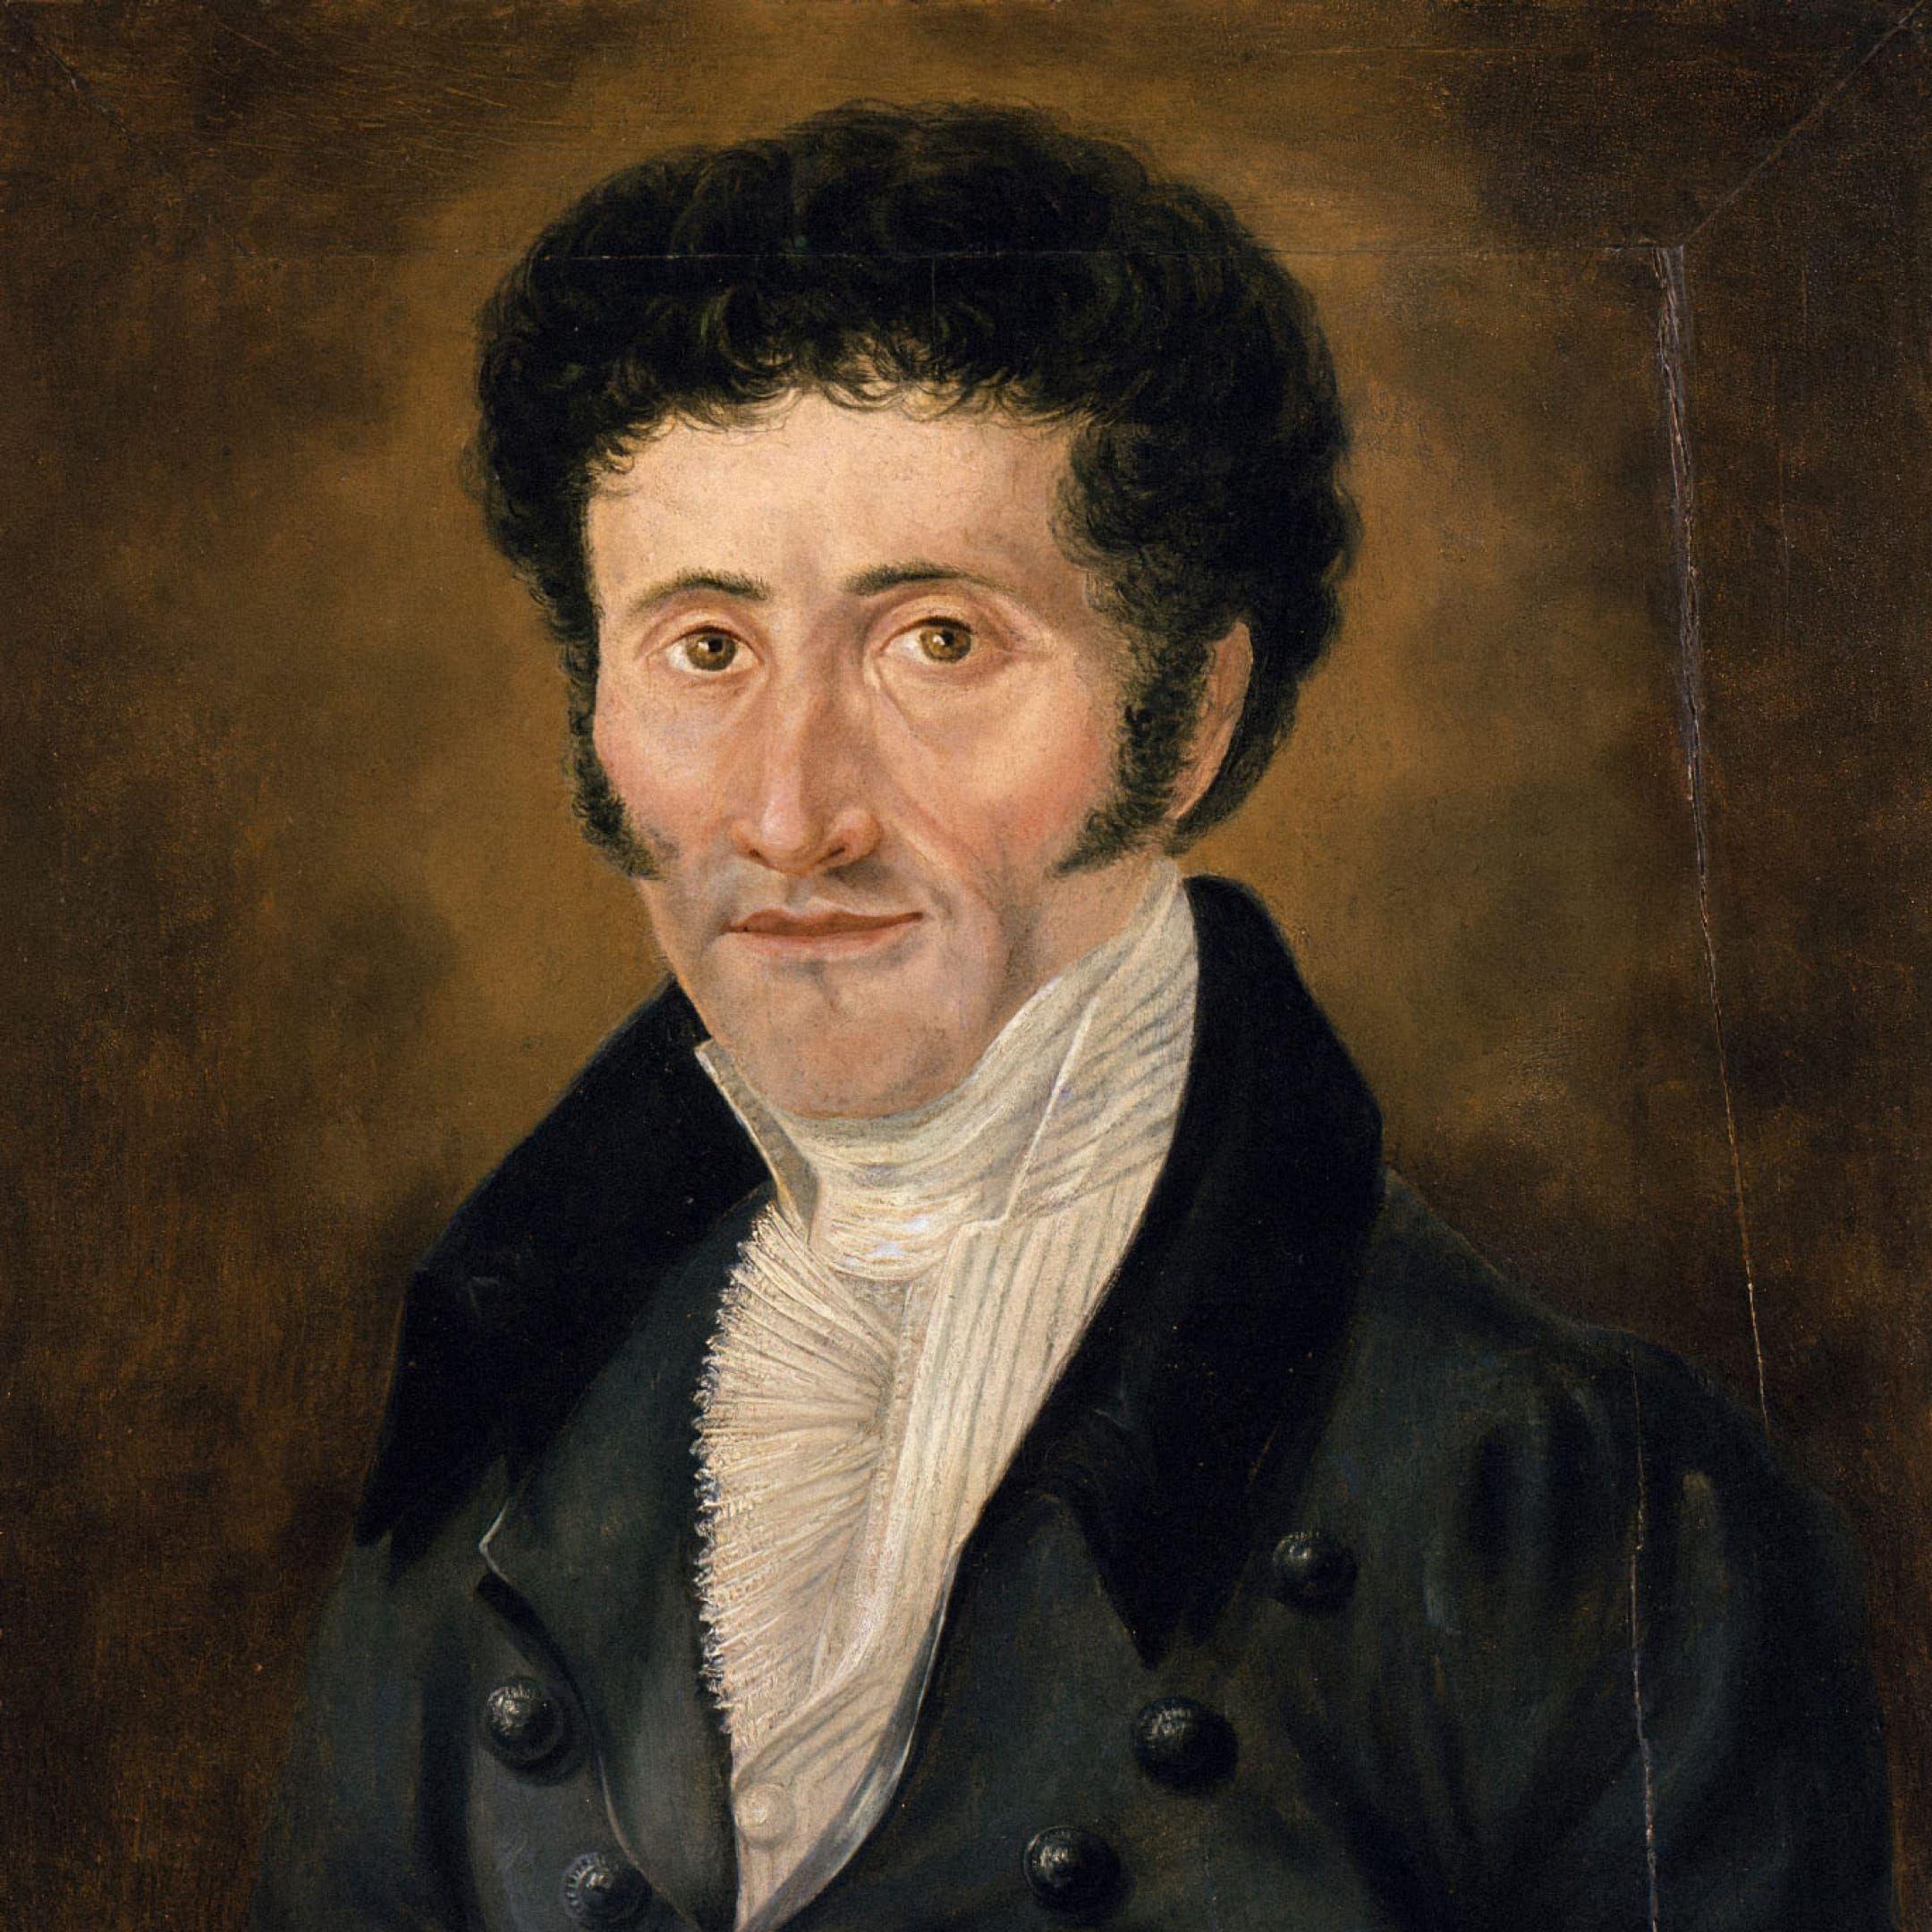 Эрнст Теодор Амадей Гофман. Источник: wikipedia.org